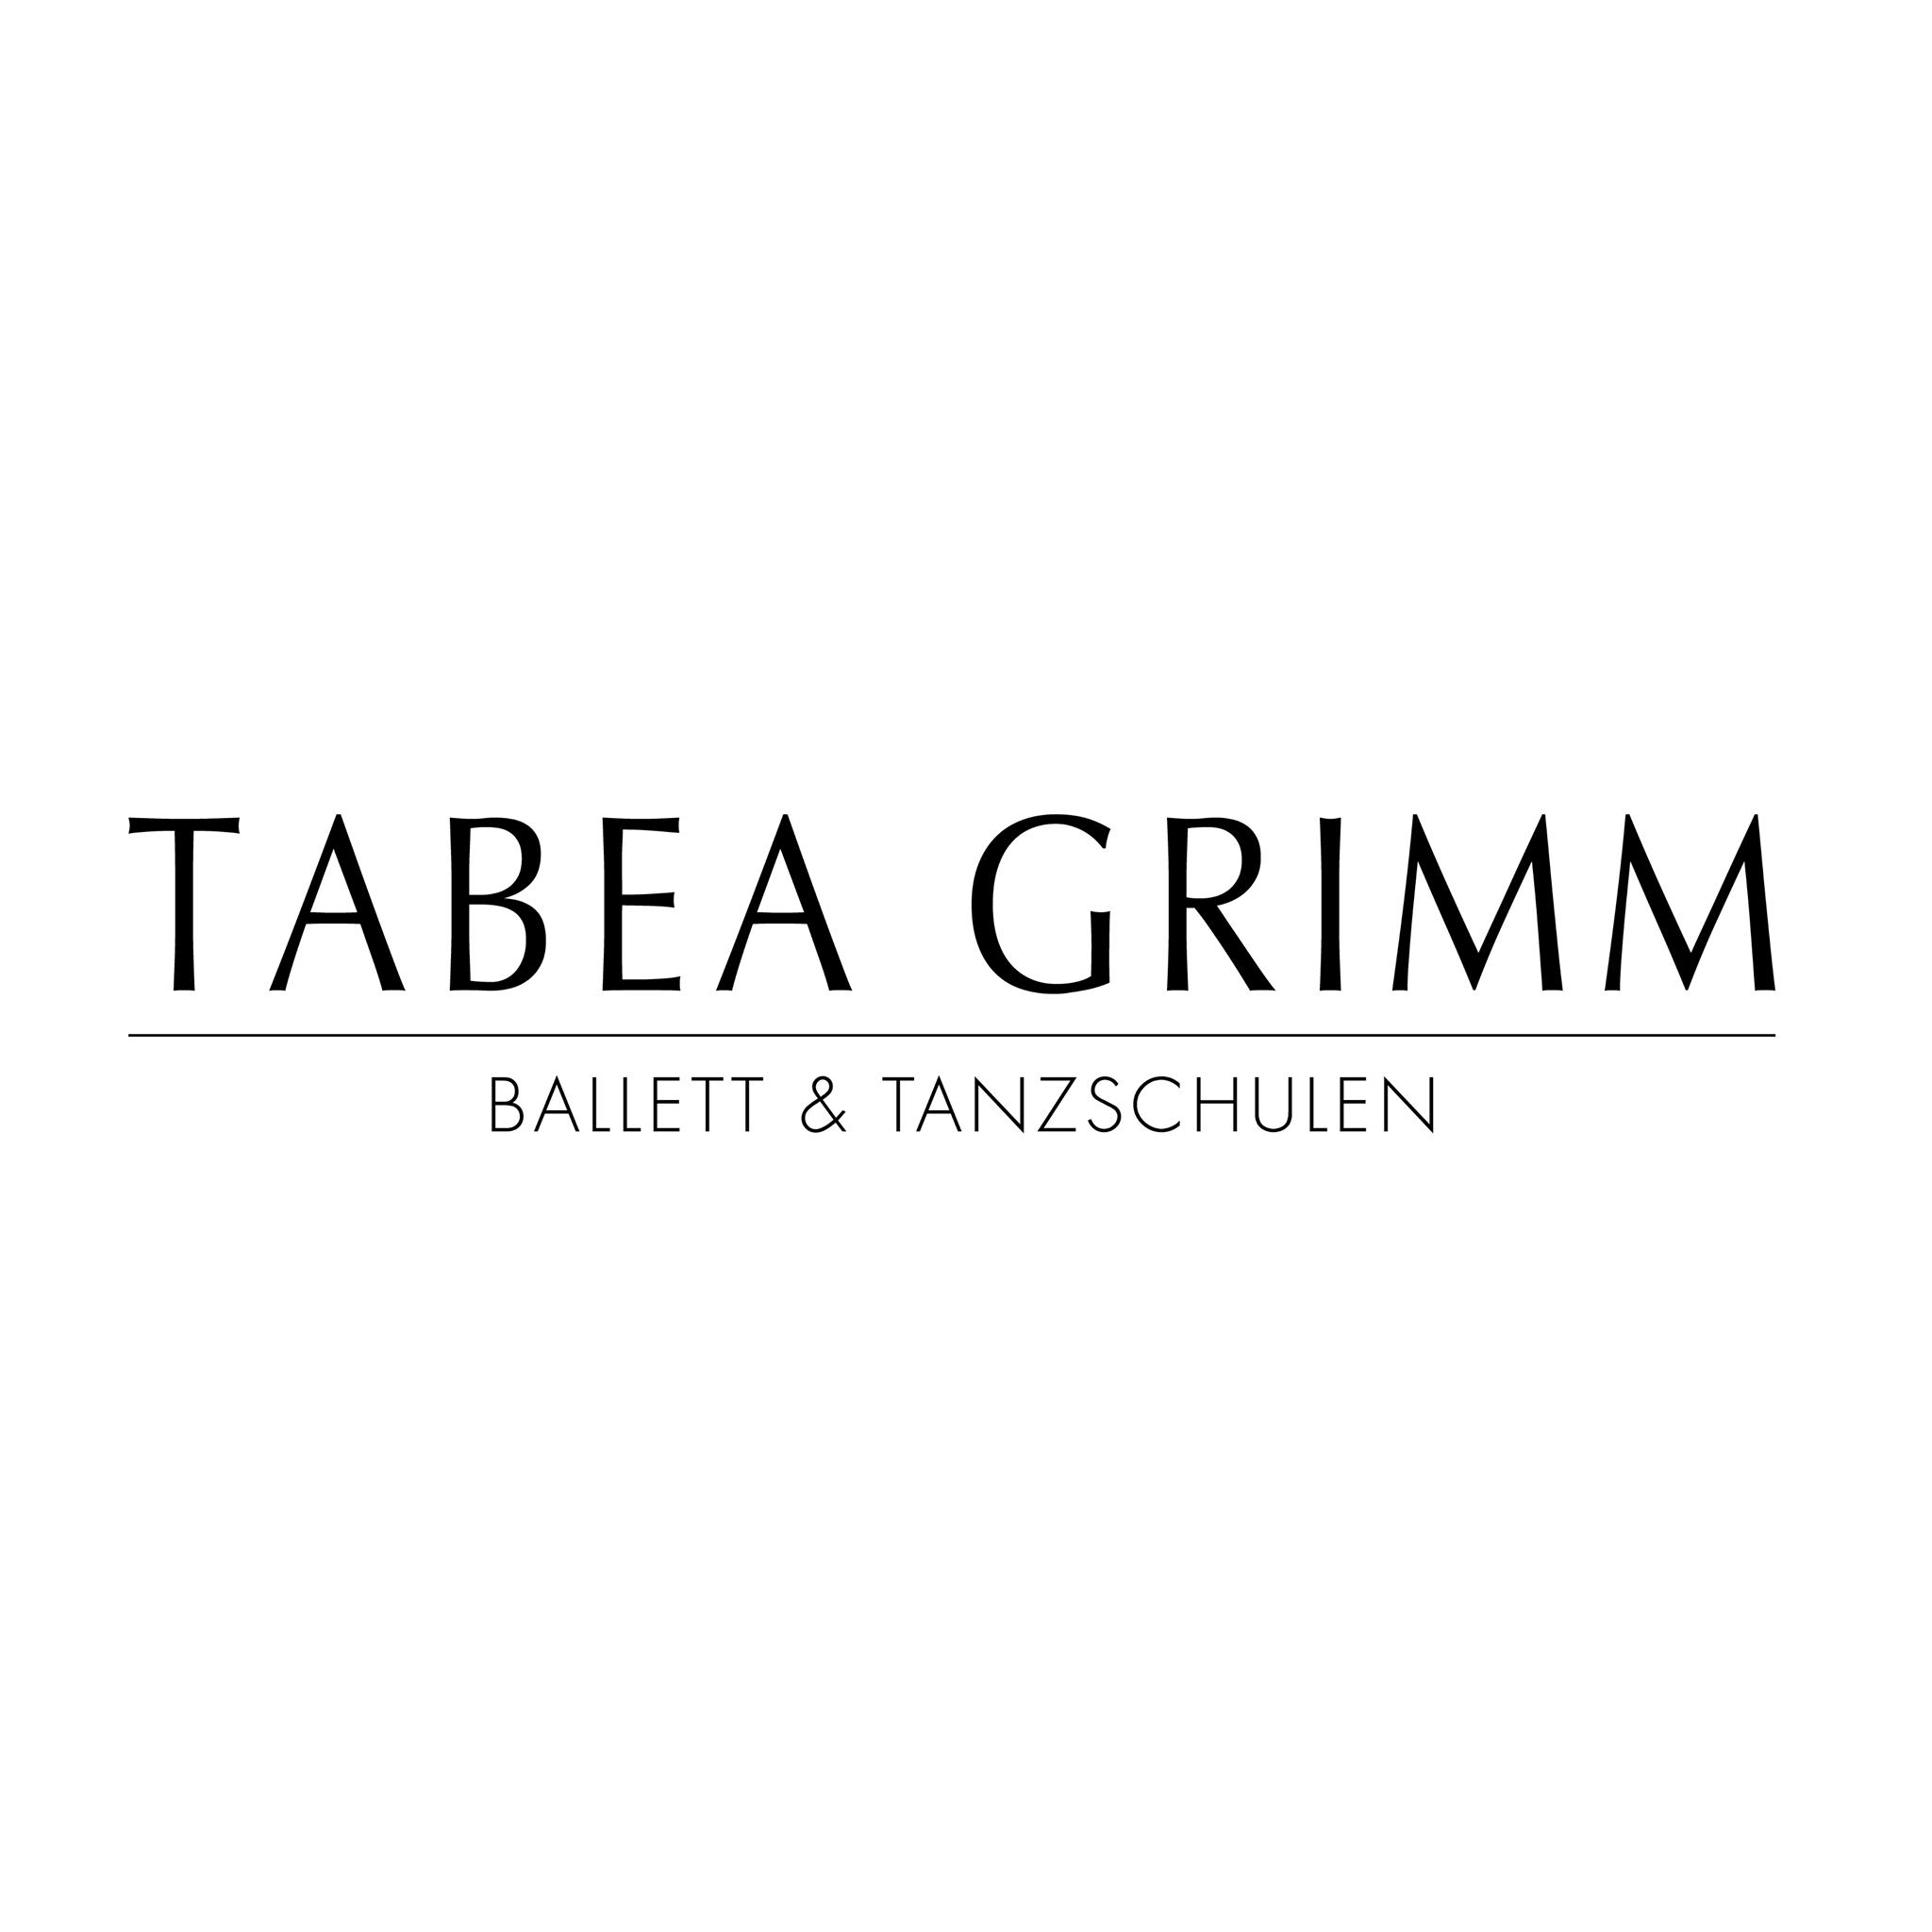 Tabea Grimm Ballett & Tanzschulen